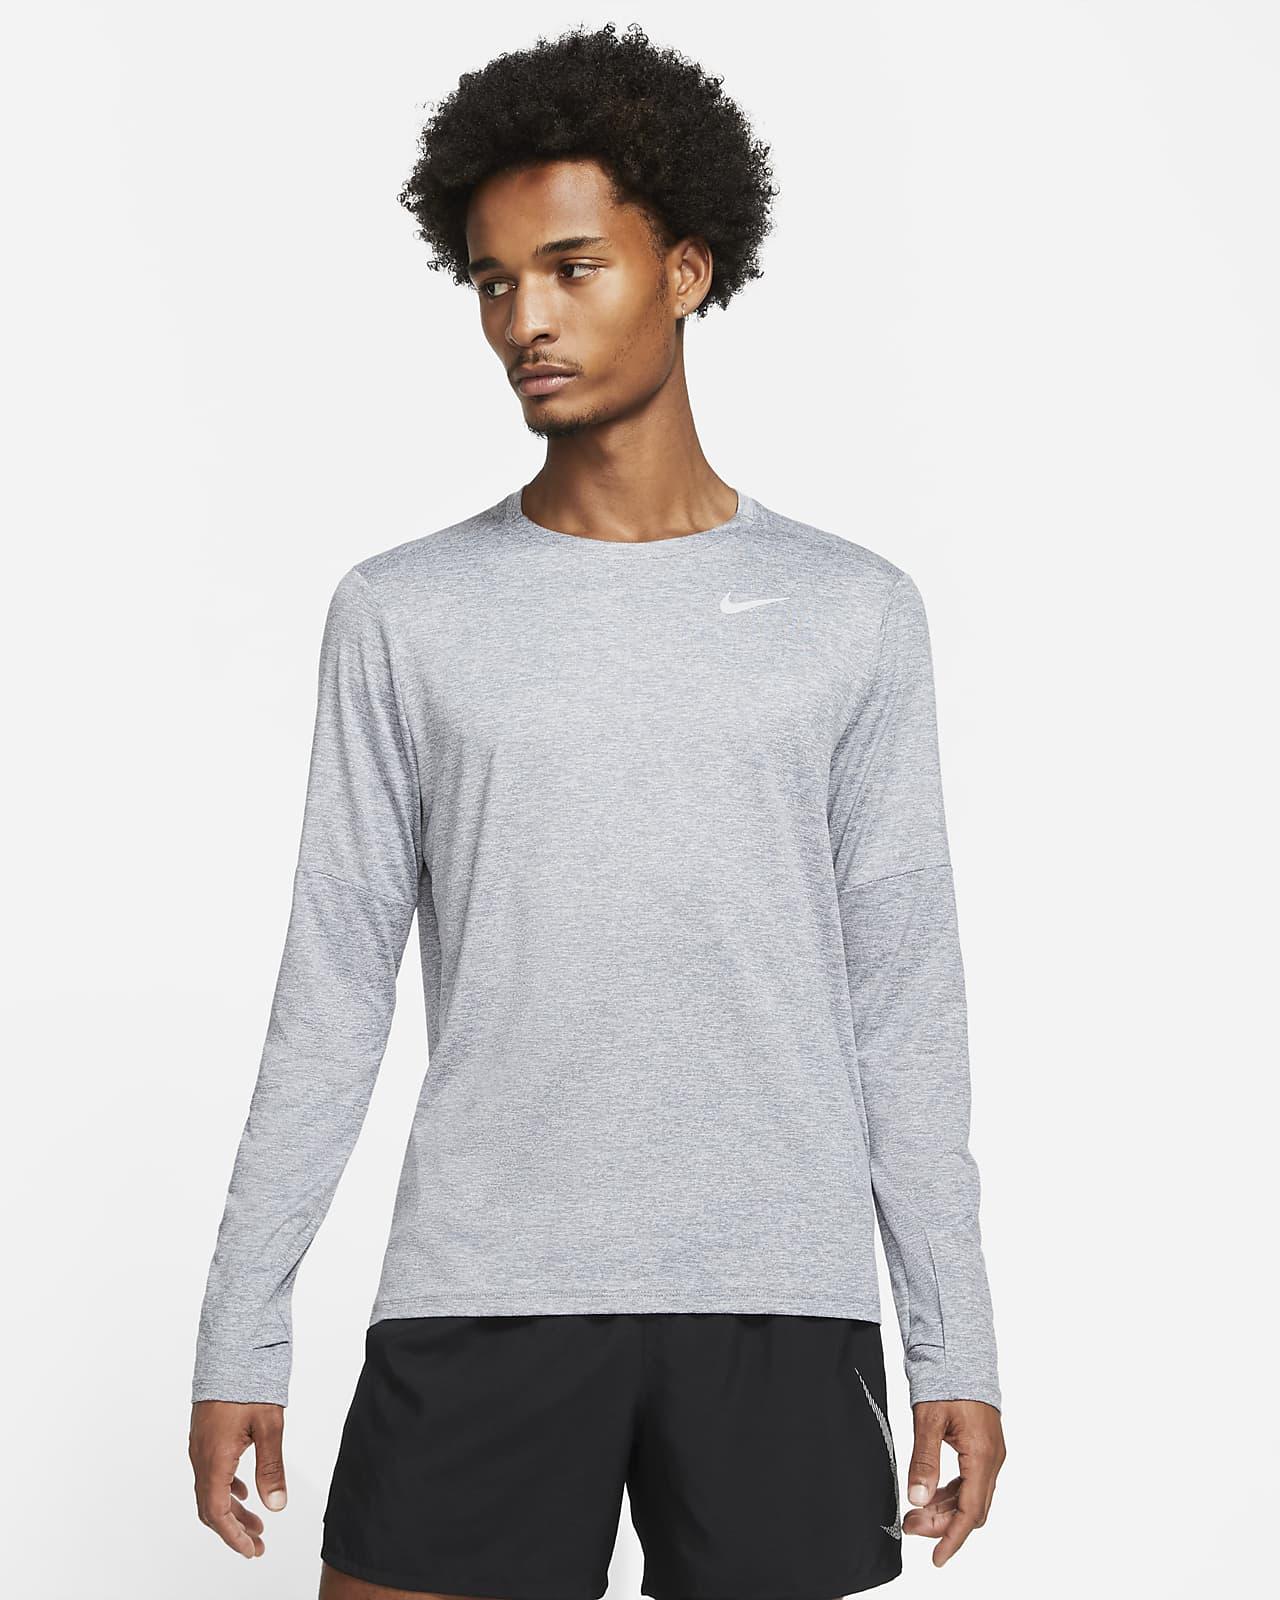 Maglia a girocollo da running Nike Dri-FIT - Uomo